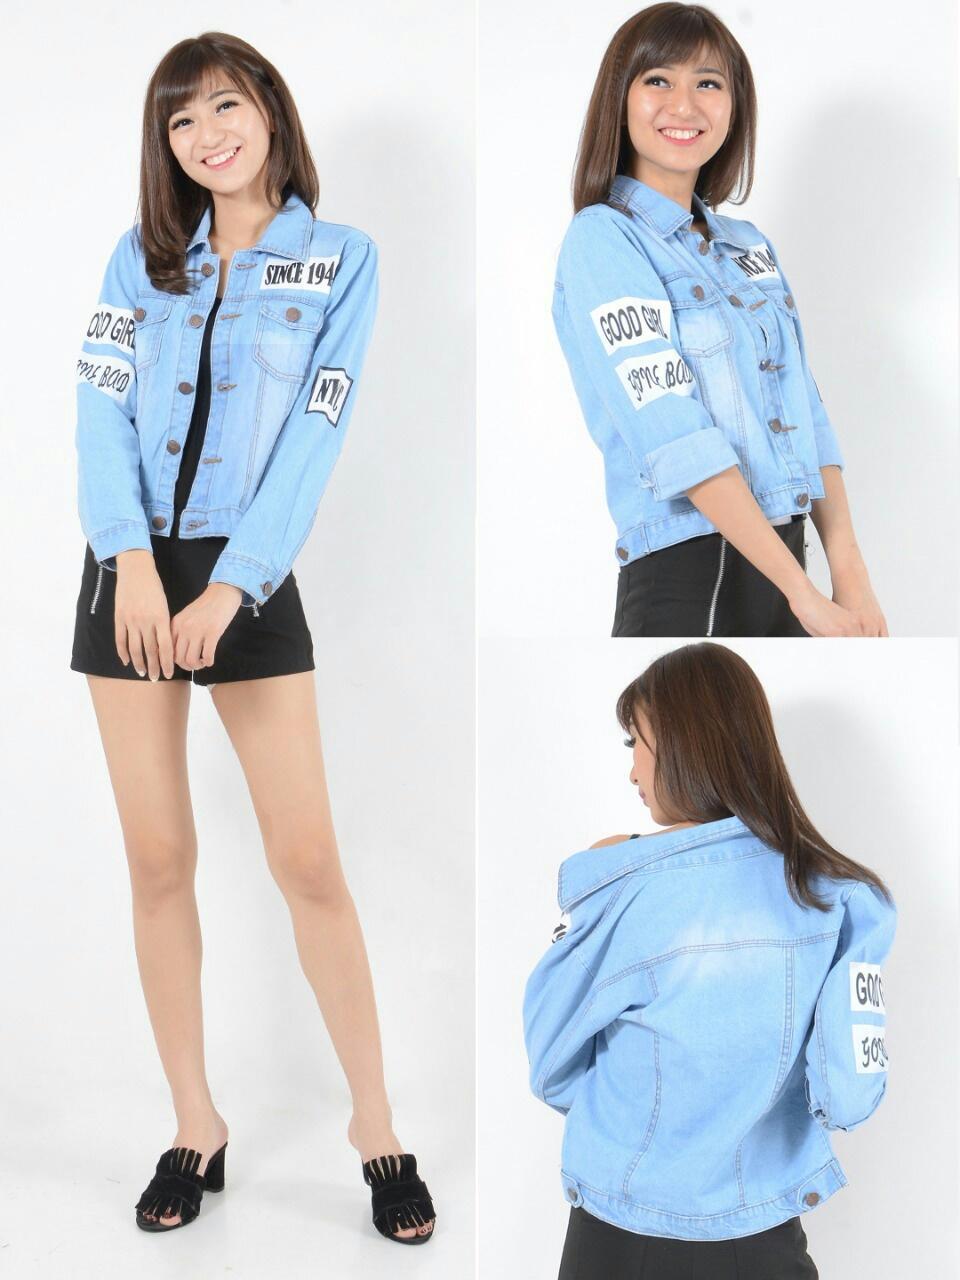 Daftar Harga Jaket Jeans Wanita Import Termurah Terbaru November Cewe Terlaris Denim Fashion Bahan Garmen Washed